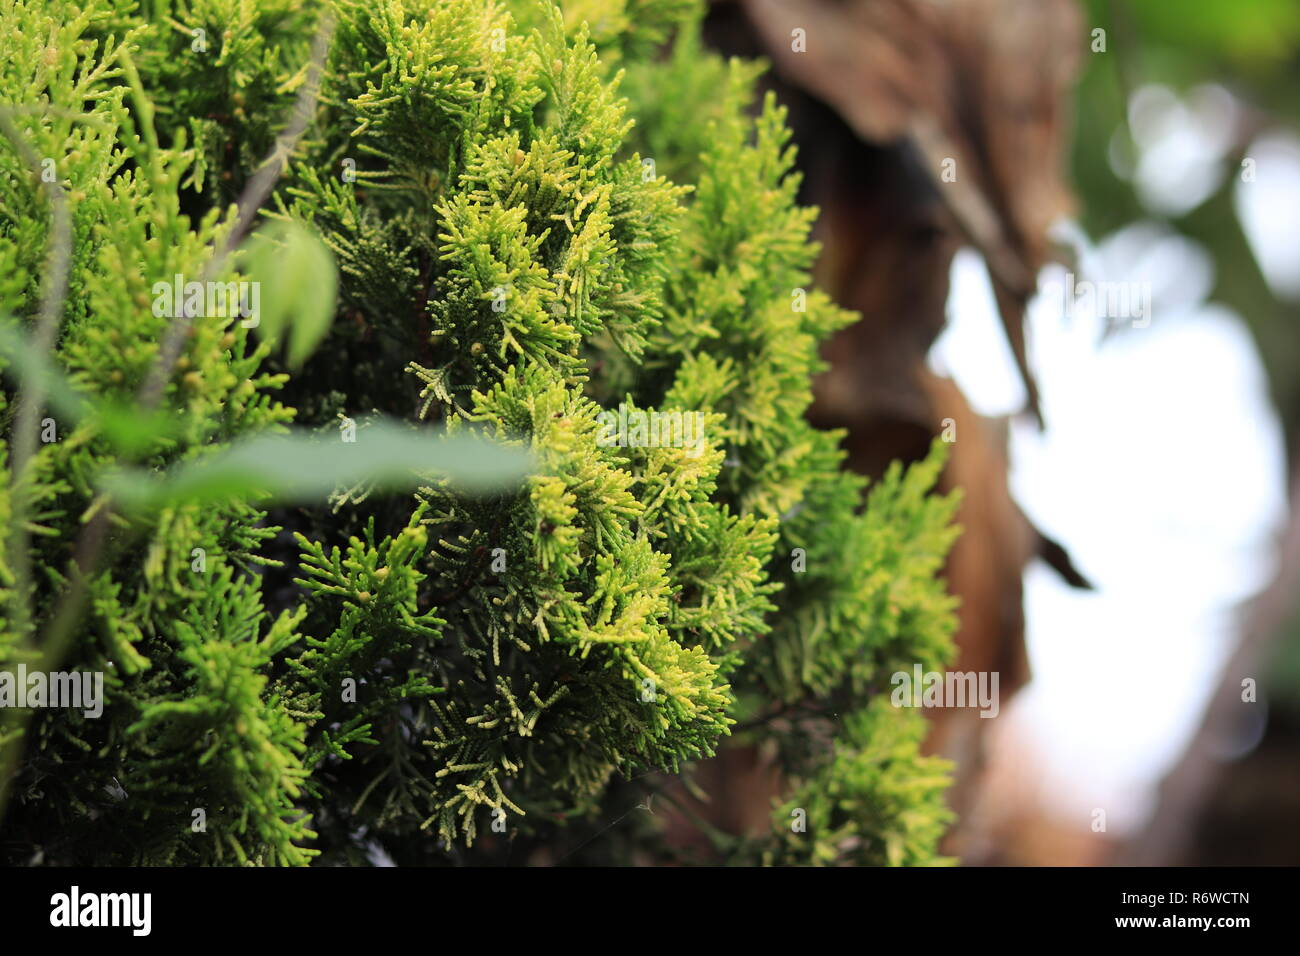 Casuarina tree - Stock Image